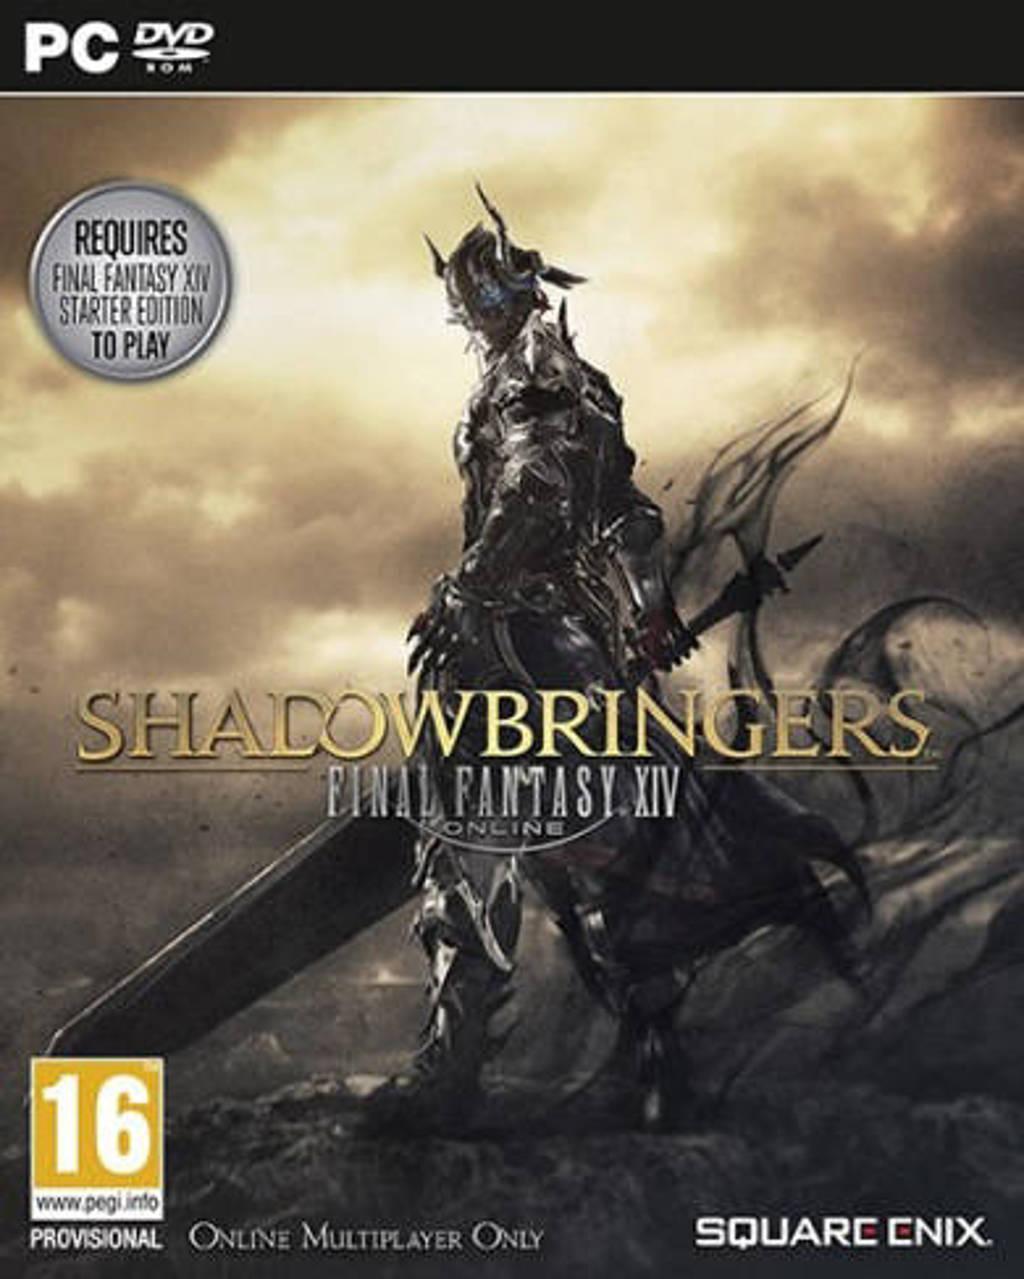 Final Fantasy XIV online - Shadowbringers (PC)